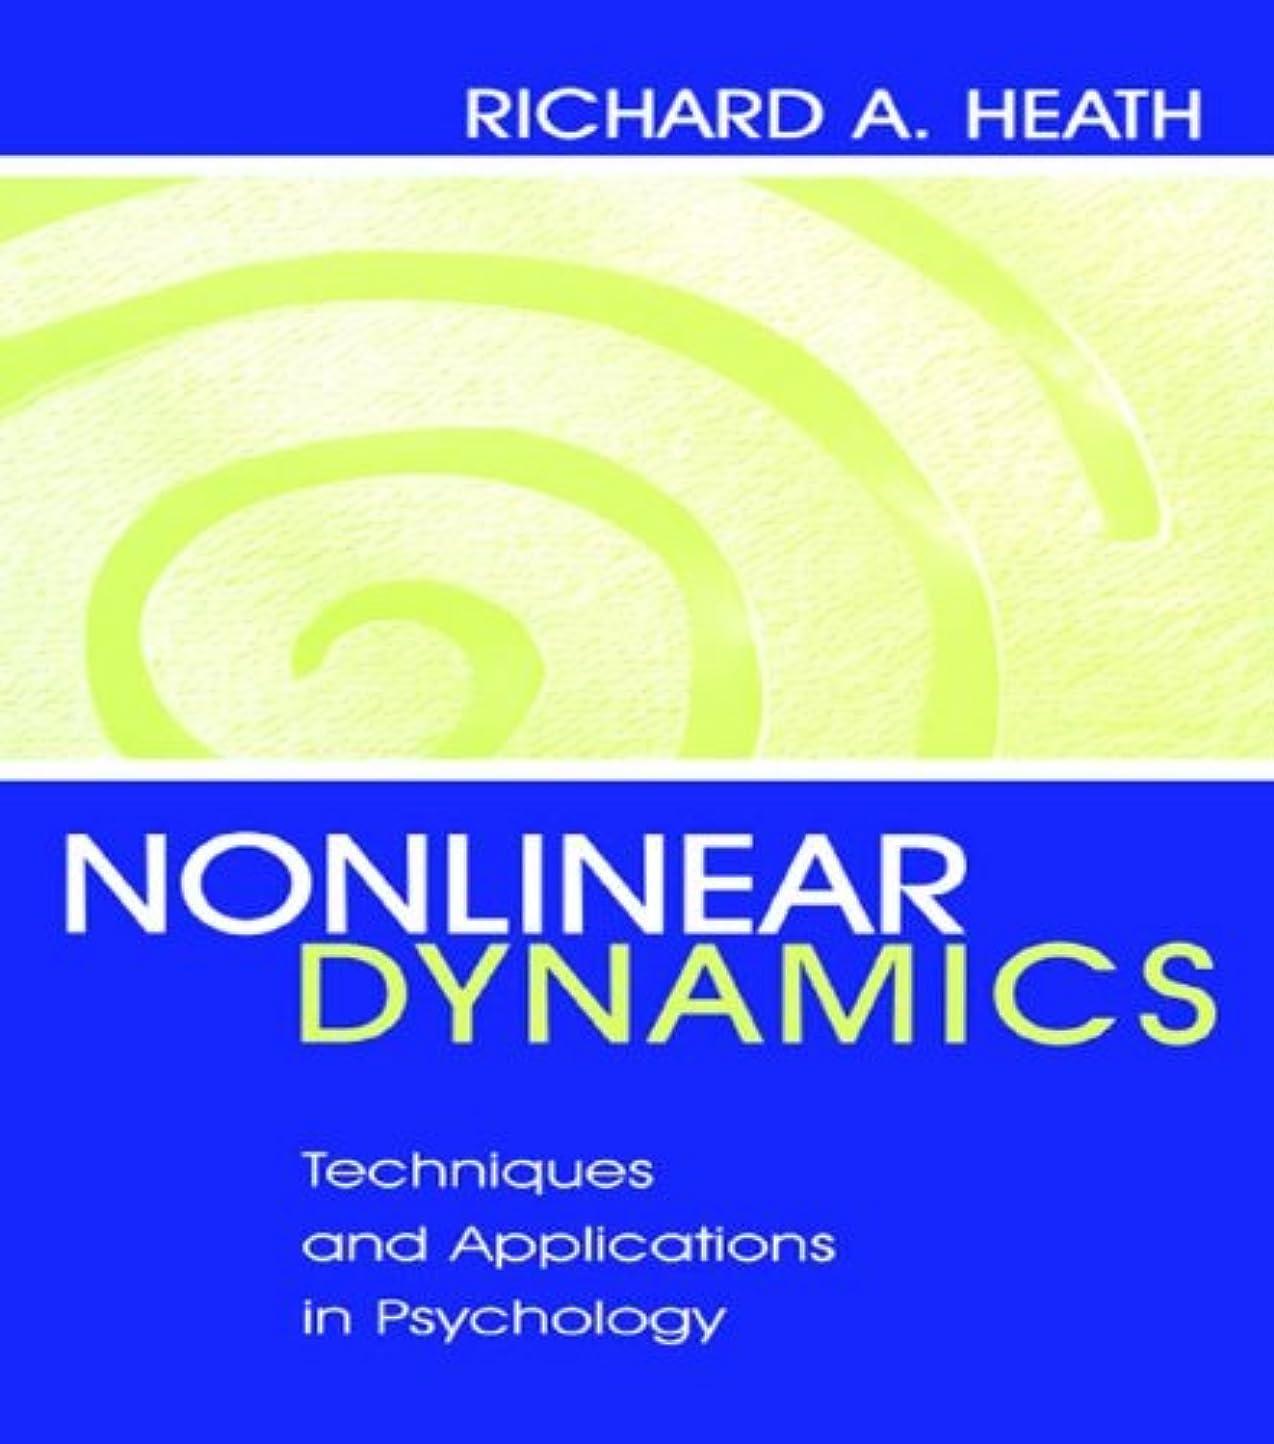 品スポークスマン無視できるNonlinear Dynamics: Techniques and Applications in Psychology (English Edition)